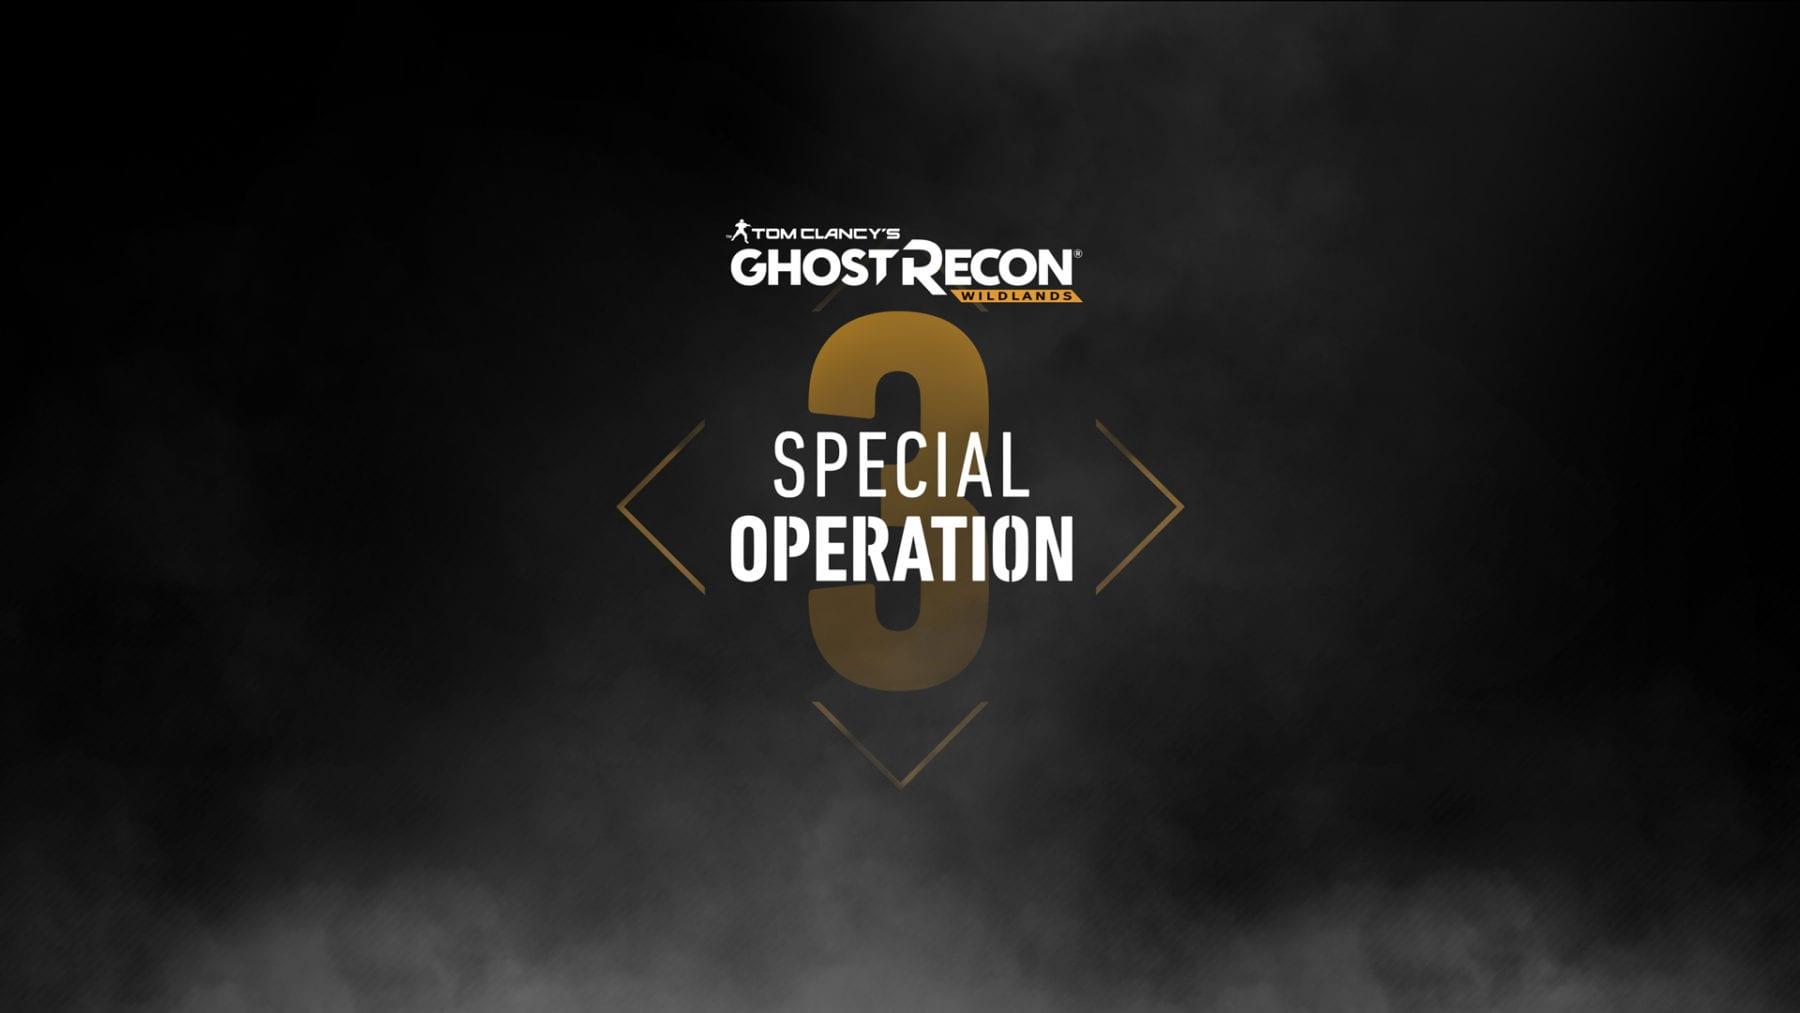 La tercera actualización importante llega para Tom Clancy's Ghost Recon: Wildlands la próxima semana